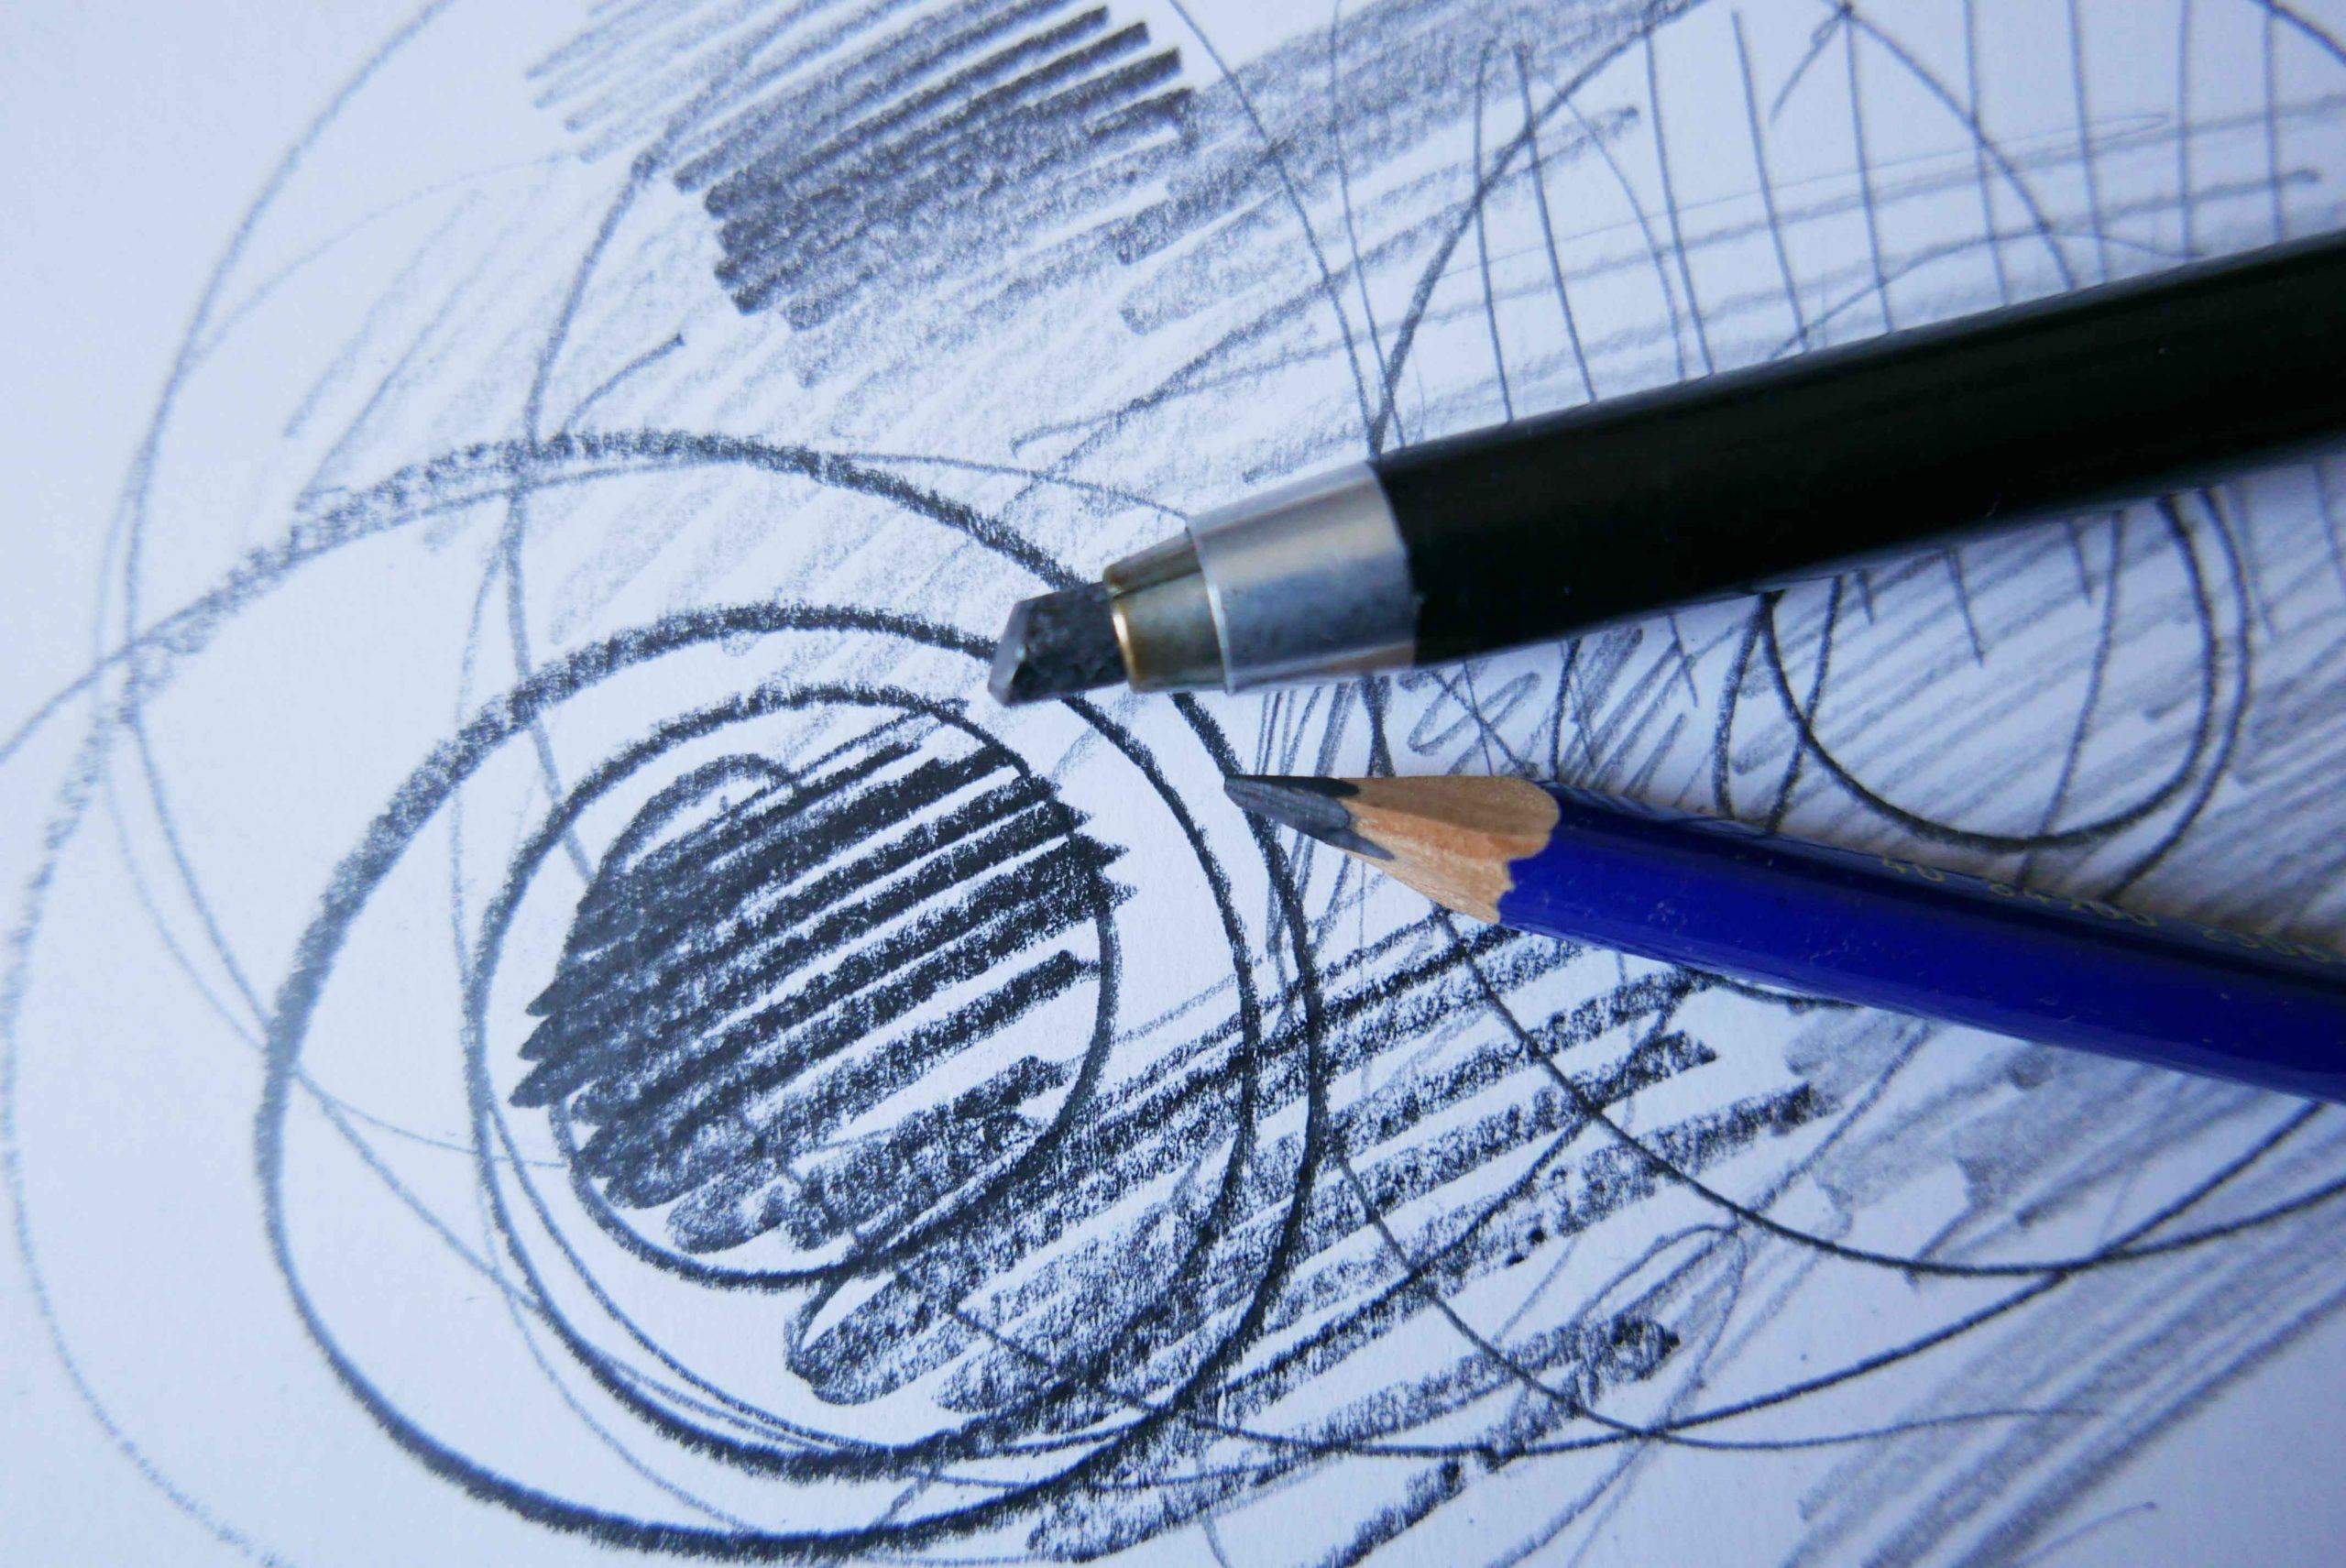 Graphitminen Halter Bleistift und eine Skizze